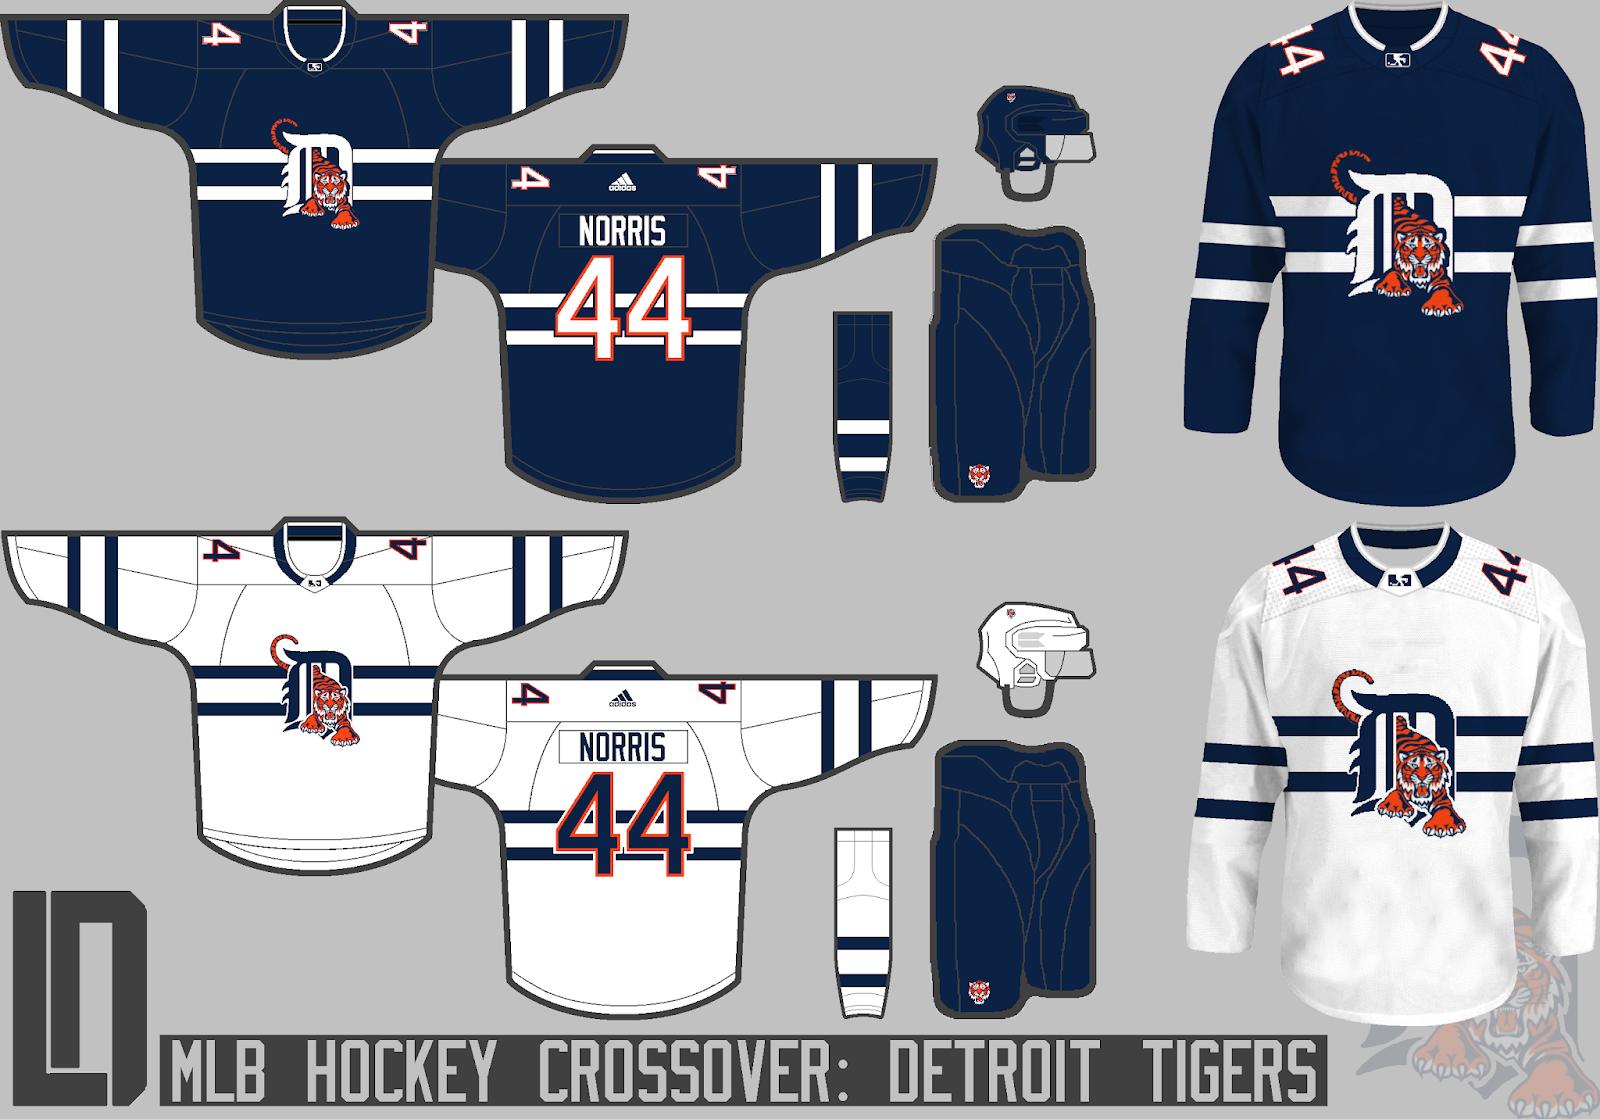 Detroit+Tigers+Concept.png